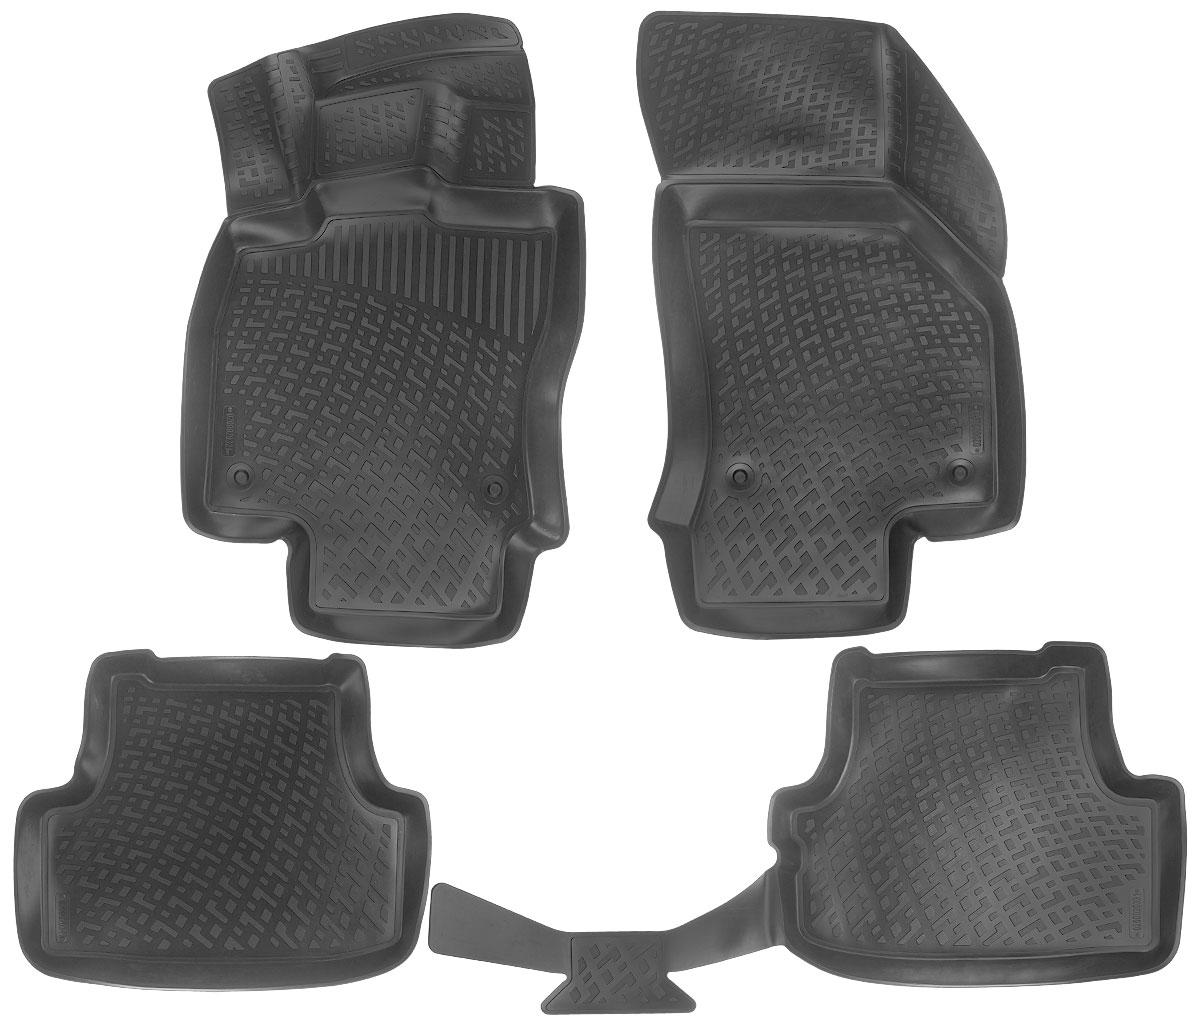 Набор автомобильных ковриков L.Locker Audi A3 (8V) Sportback 2012, в салон, 4 шт0200020301Набор L.Locker Audi A3 (8V) Sportback 2012, изготовленный из полиуретана, состоит из 4 ковриков, которые производятся индивидуально для каждой модели автомобиля. Изделие точно повторяет геометрию пола автомобиля, имеет высокий борт, обладает повышенной износоустойчивостью, лишен резкого запаха и сохраняет свои потребительские свойства в широком диапазоне температур от -50°С до +80°С.В набор входят 7 специальных креплений и инструкция на русском языке по их фиксации.Комплектация: 4 шт.Размер ковриков: 87 см х 55 см; 58 см х 46 см; 106 см х 46 см; 84 см х 51 см.